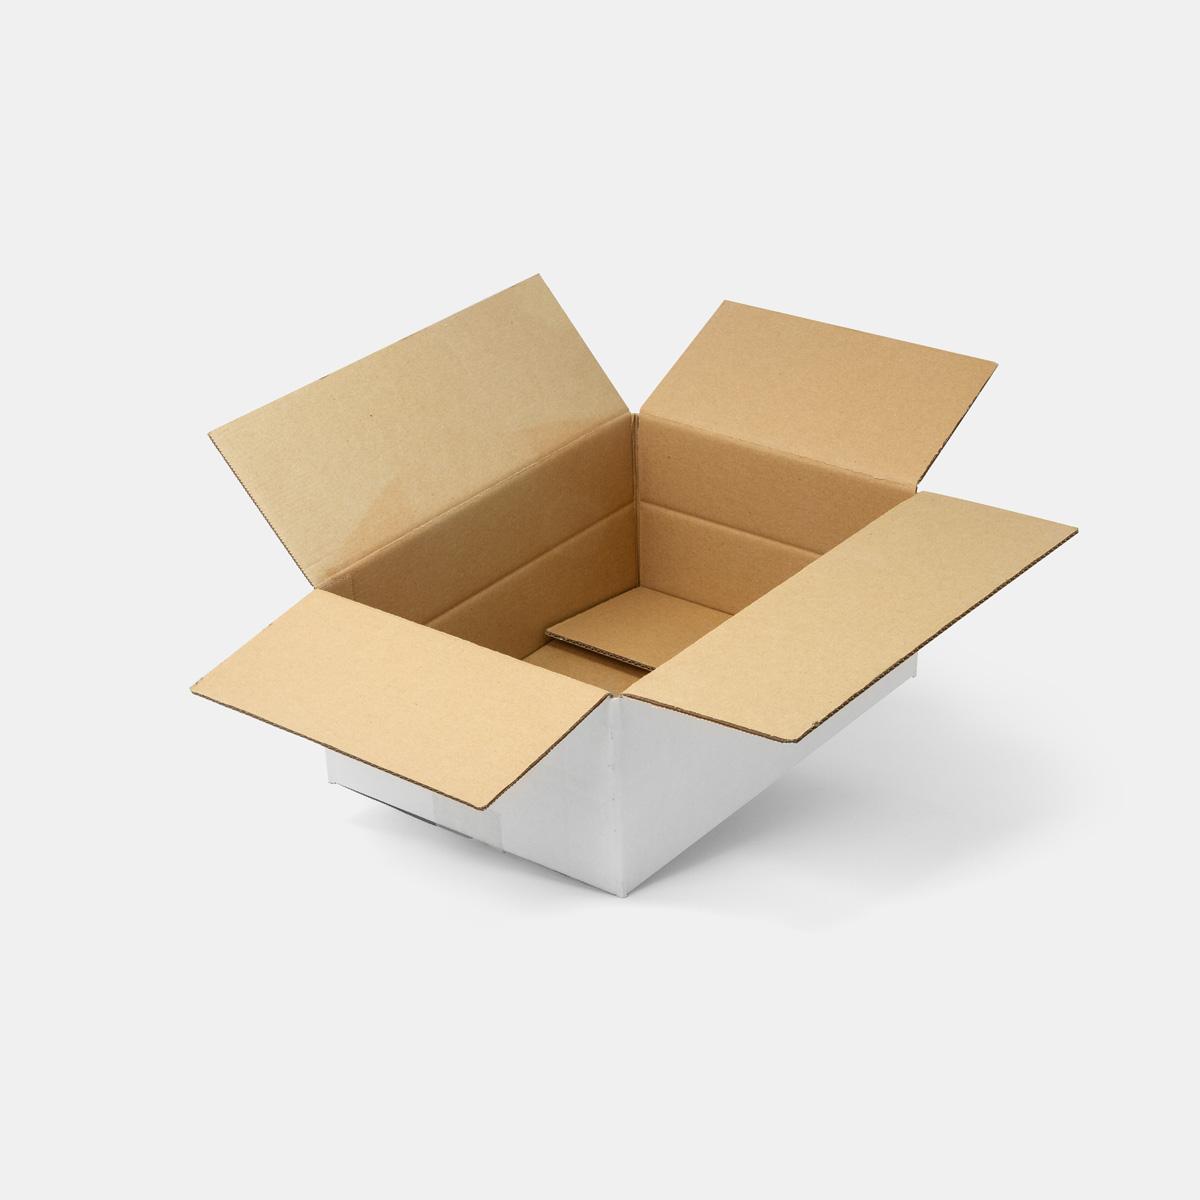 PackSolutions KG - Versandkarton